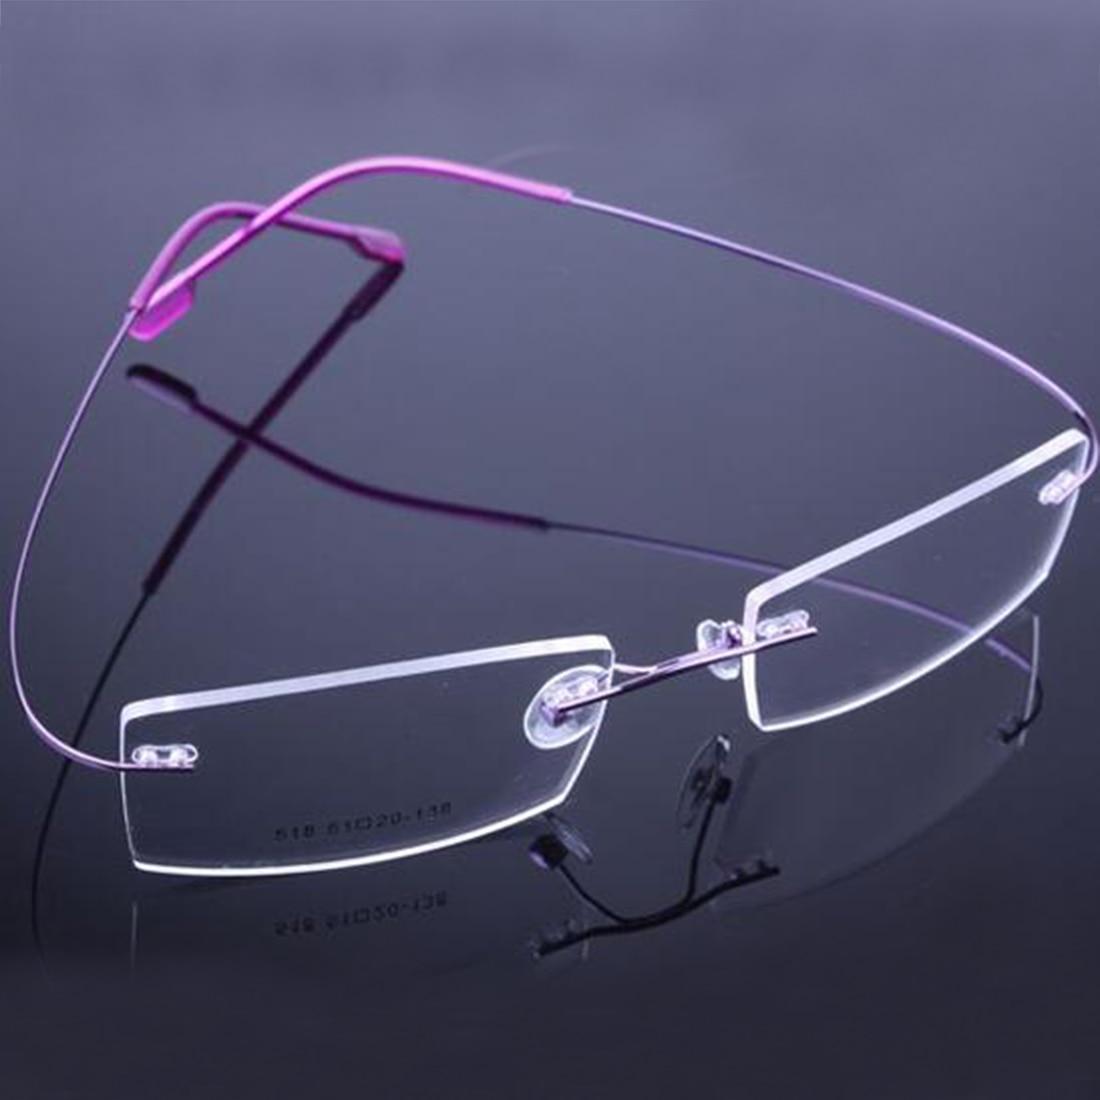 Top Pārdod Mazumtirdzniecība 9 Krāsas Viegls Bezkrāsains Brilles Brilles Atmiņas Titāna Brilles Brilles